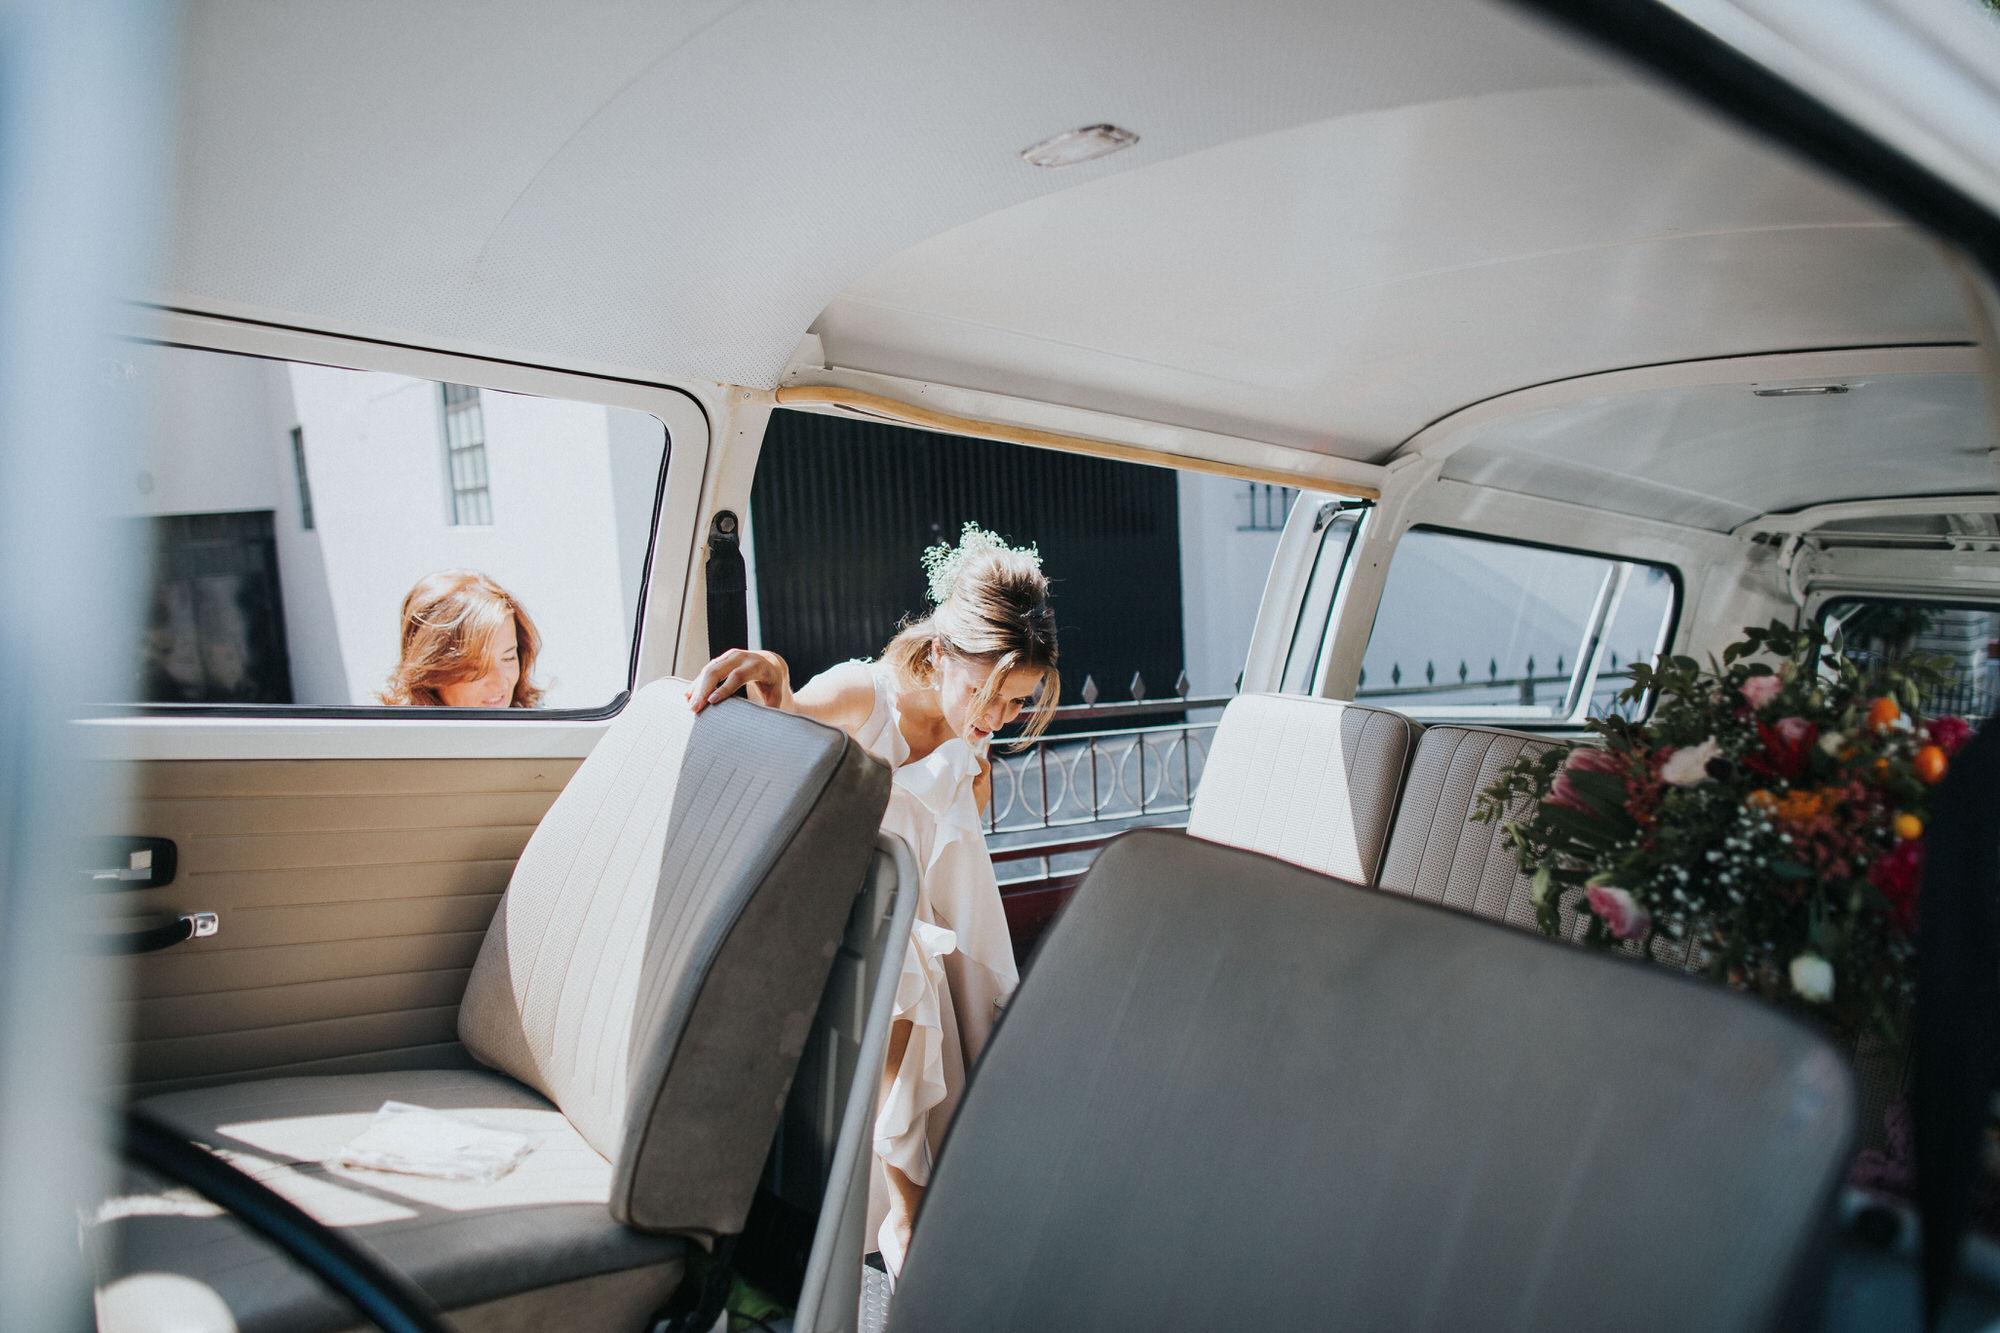 Filipe Santiago Fotografia-fotografo-malveira-lisboa-cascais-mafra-melhores-reportagem-wedding-photography-portugal-lisbon-best-natural-casamentos-lifestyle-bride-ideias-rustic-boho-hair-mackup-damas-preparativos-preparations-bridemaids-dress-shoes-bouquet-ww-van